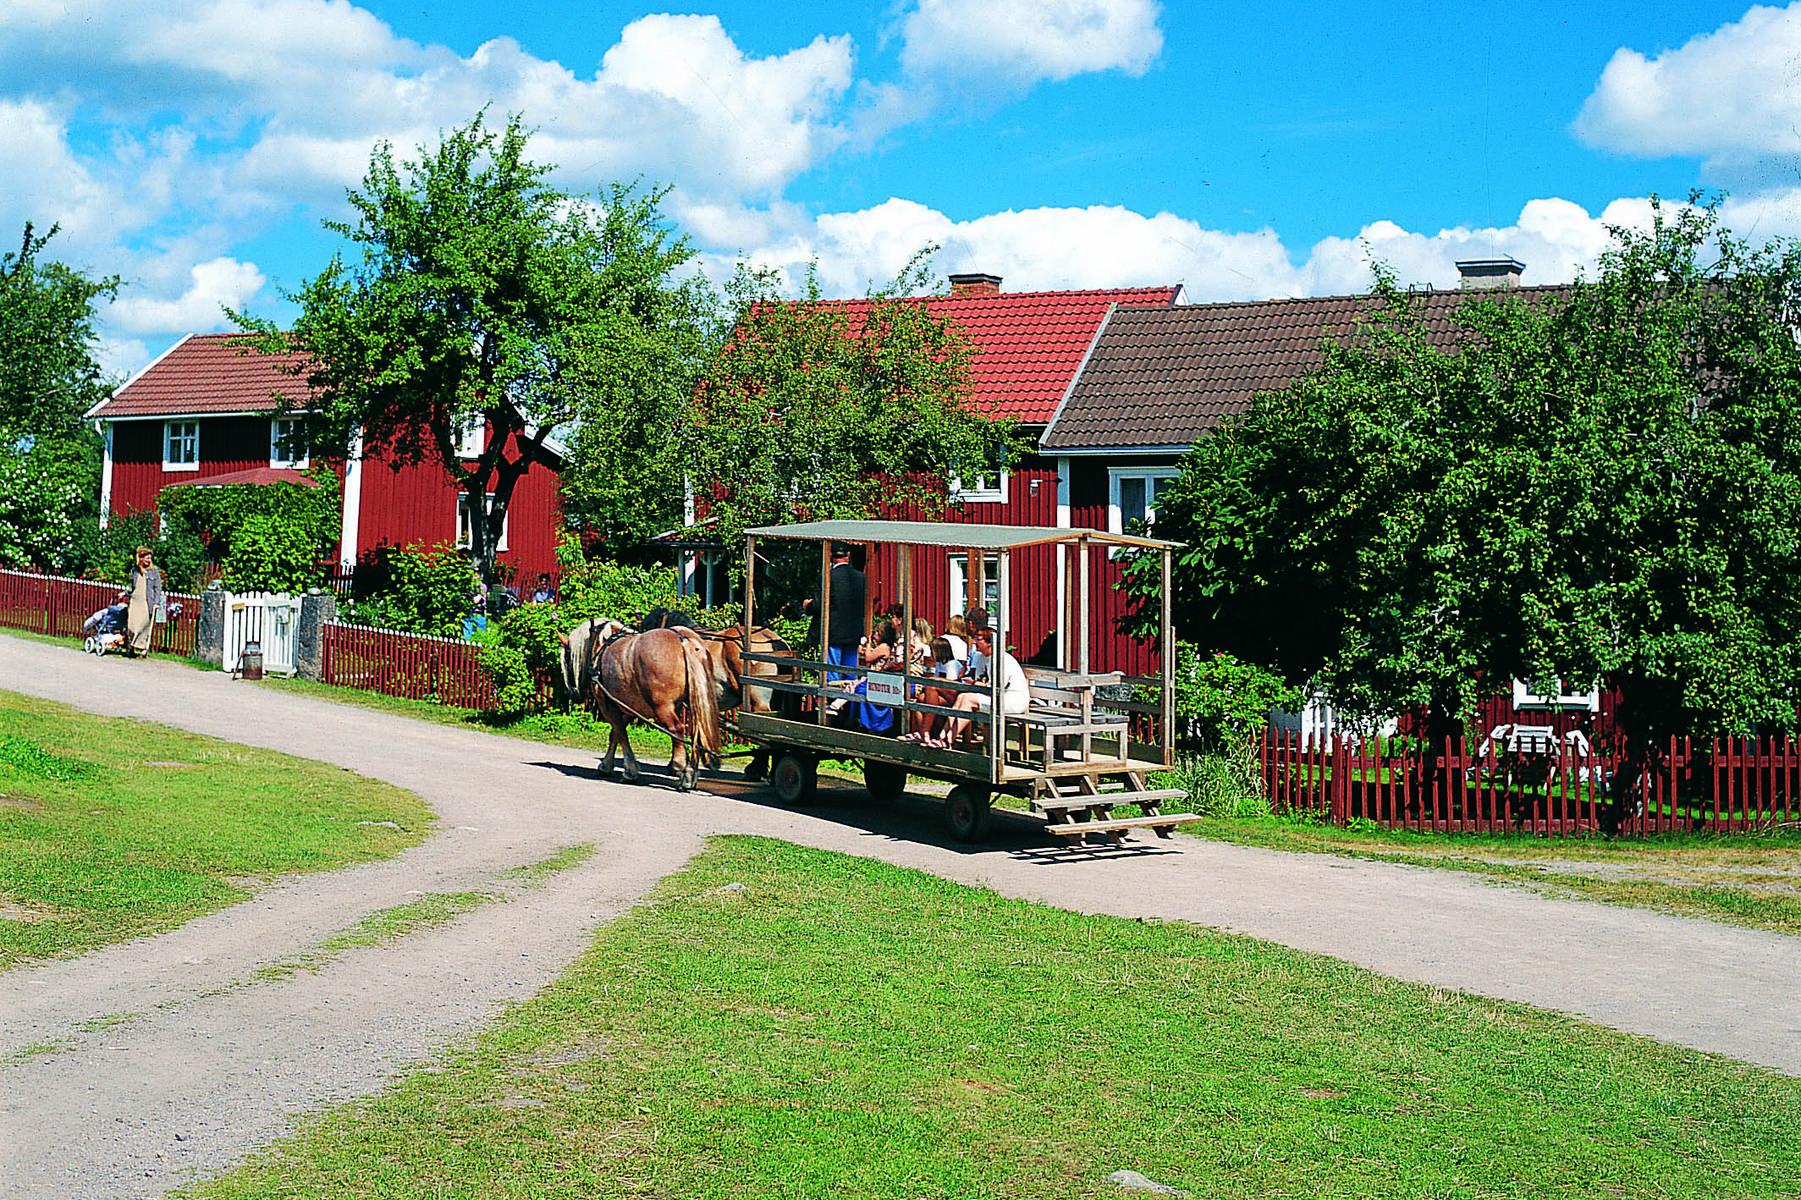 The Noisy Village of Astrid Lindgren's stories